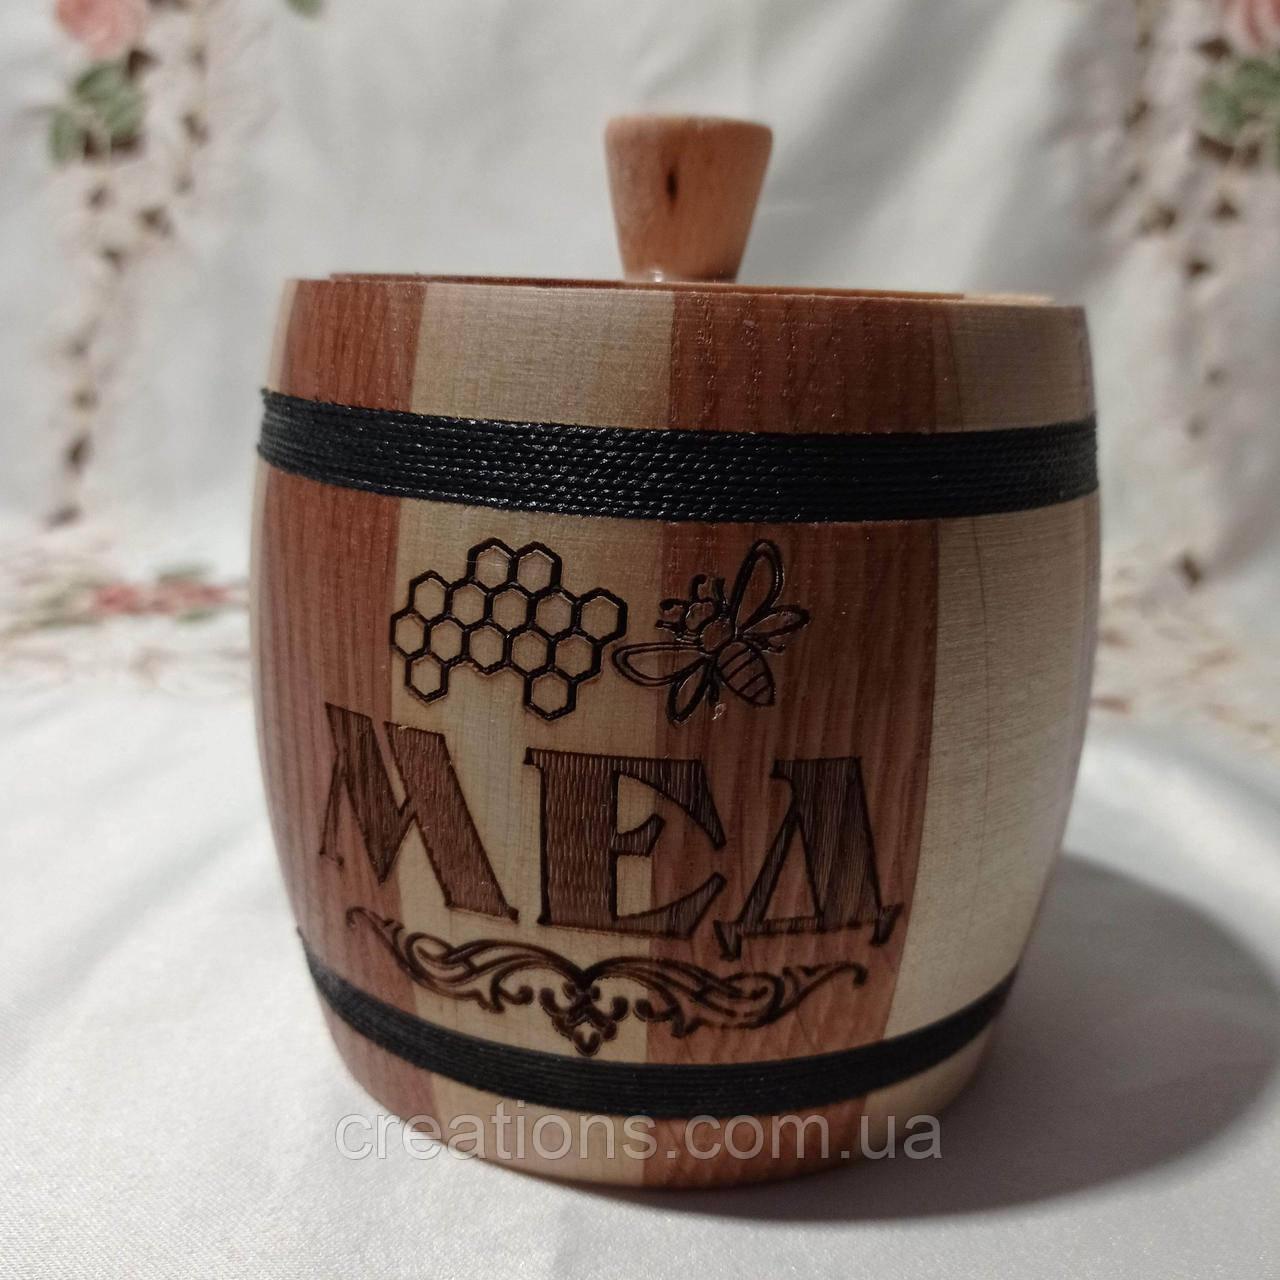 Деревянный бочонок для меда с надписью и декором 11х11 см. 400 мл. Б-3